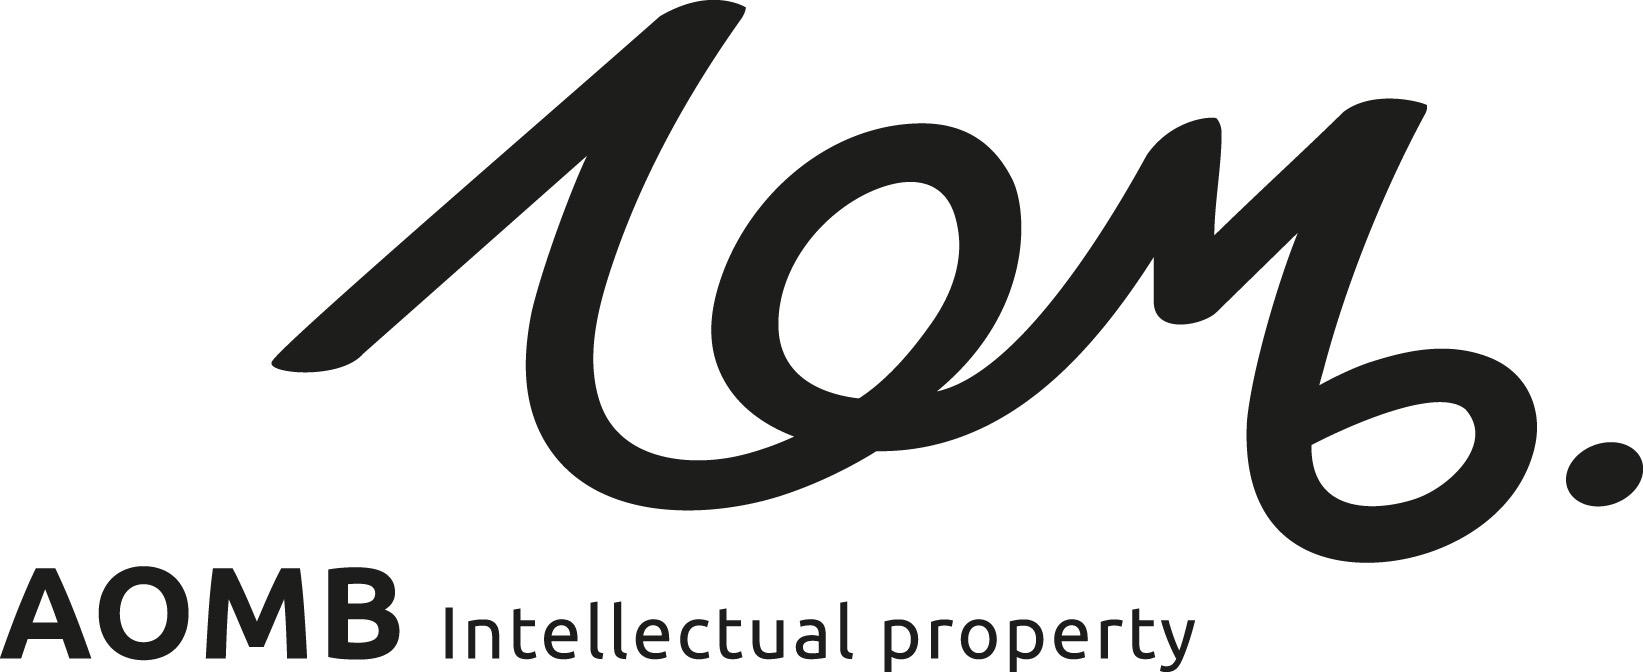 AOMB logo